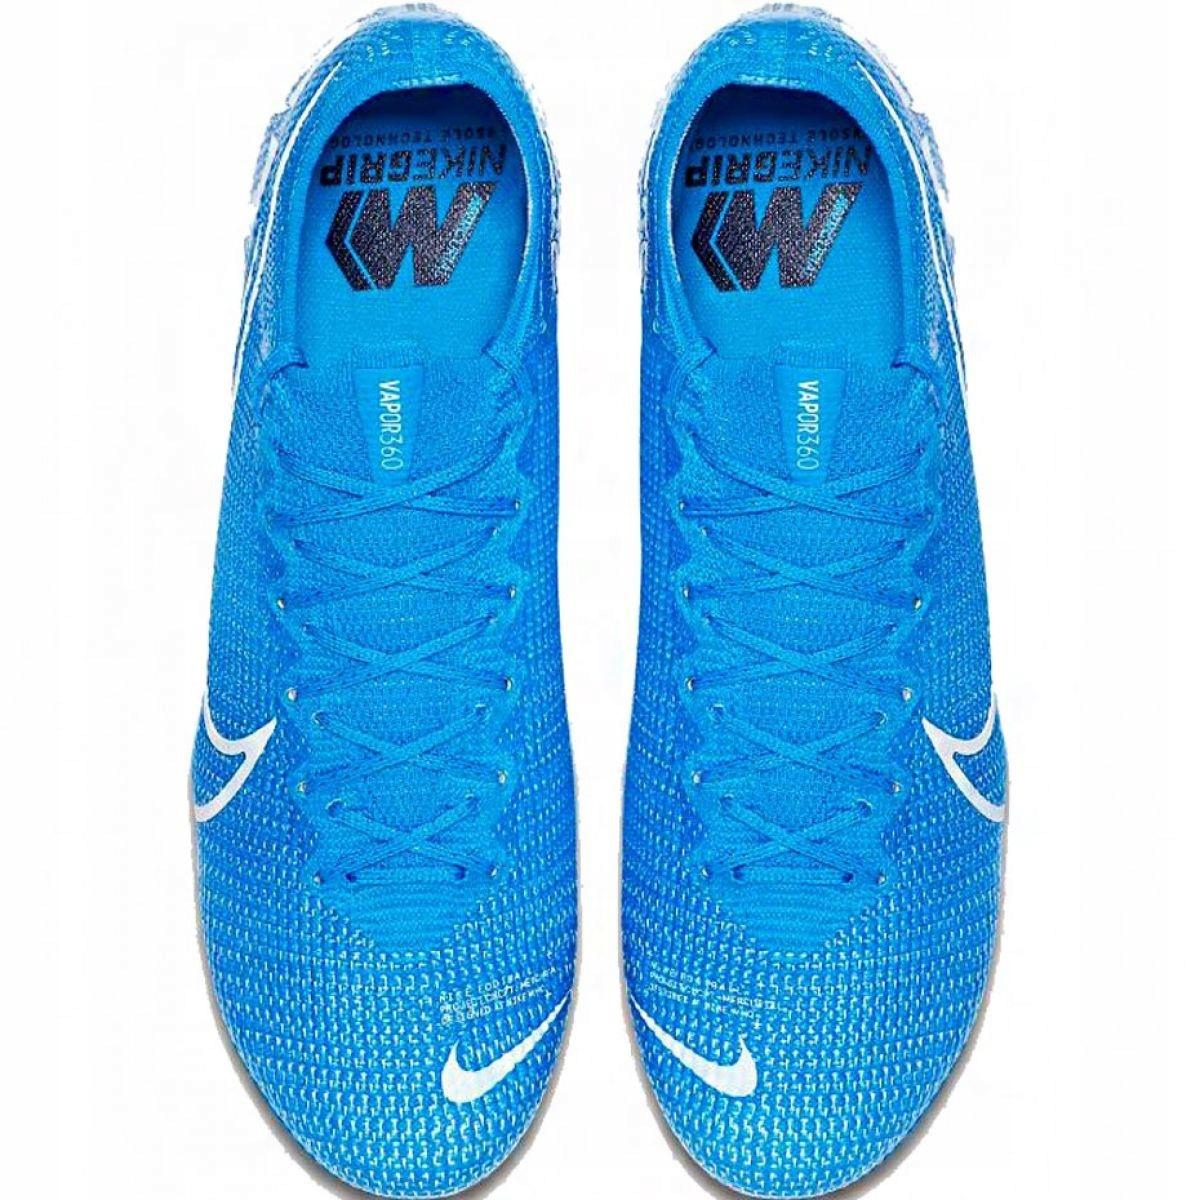 Nike Mercurial Vapor 13 botas de futebol Elite SG Pro Ac M AT7899 414 azul